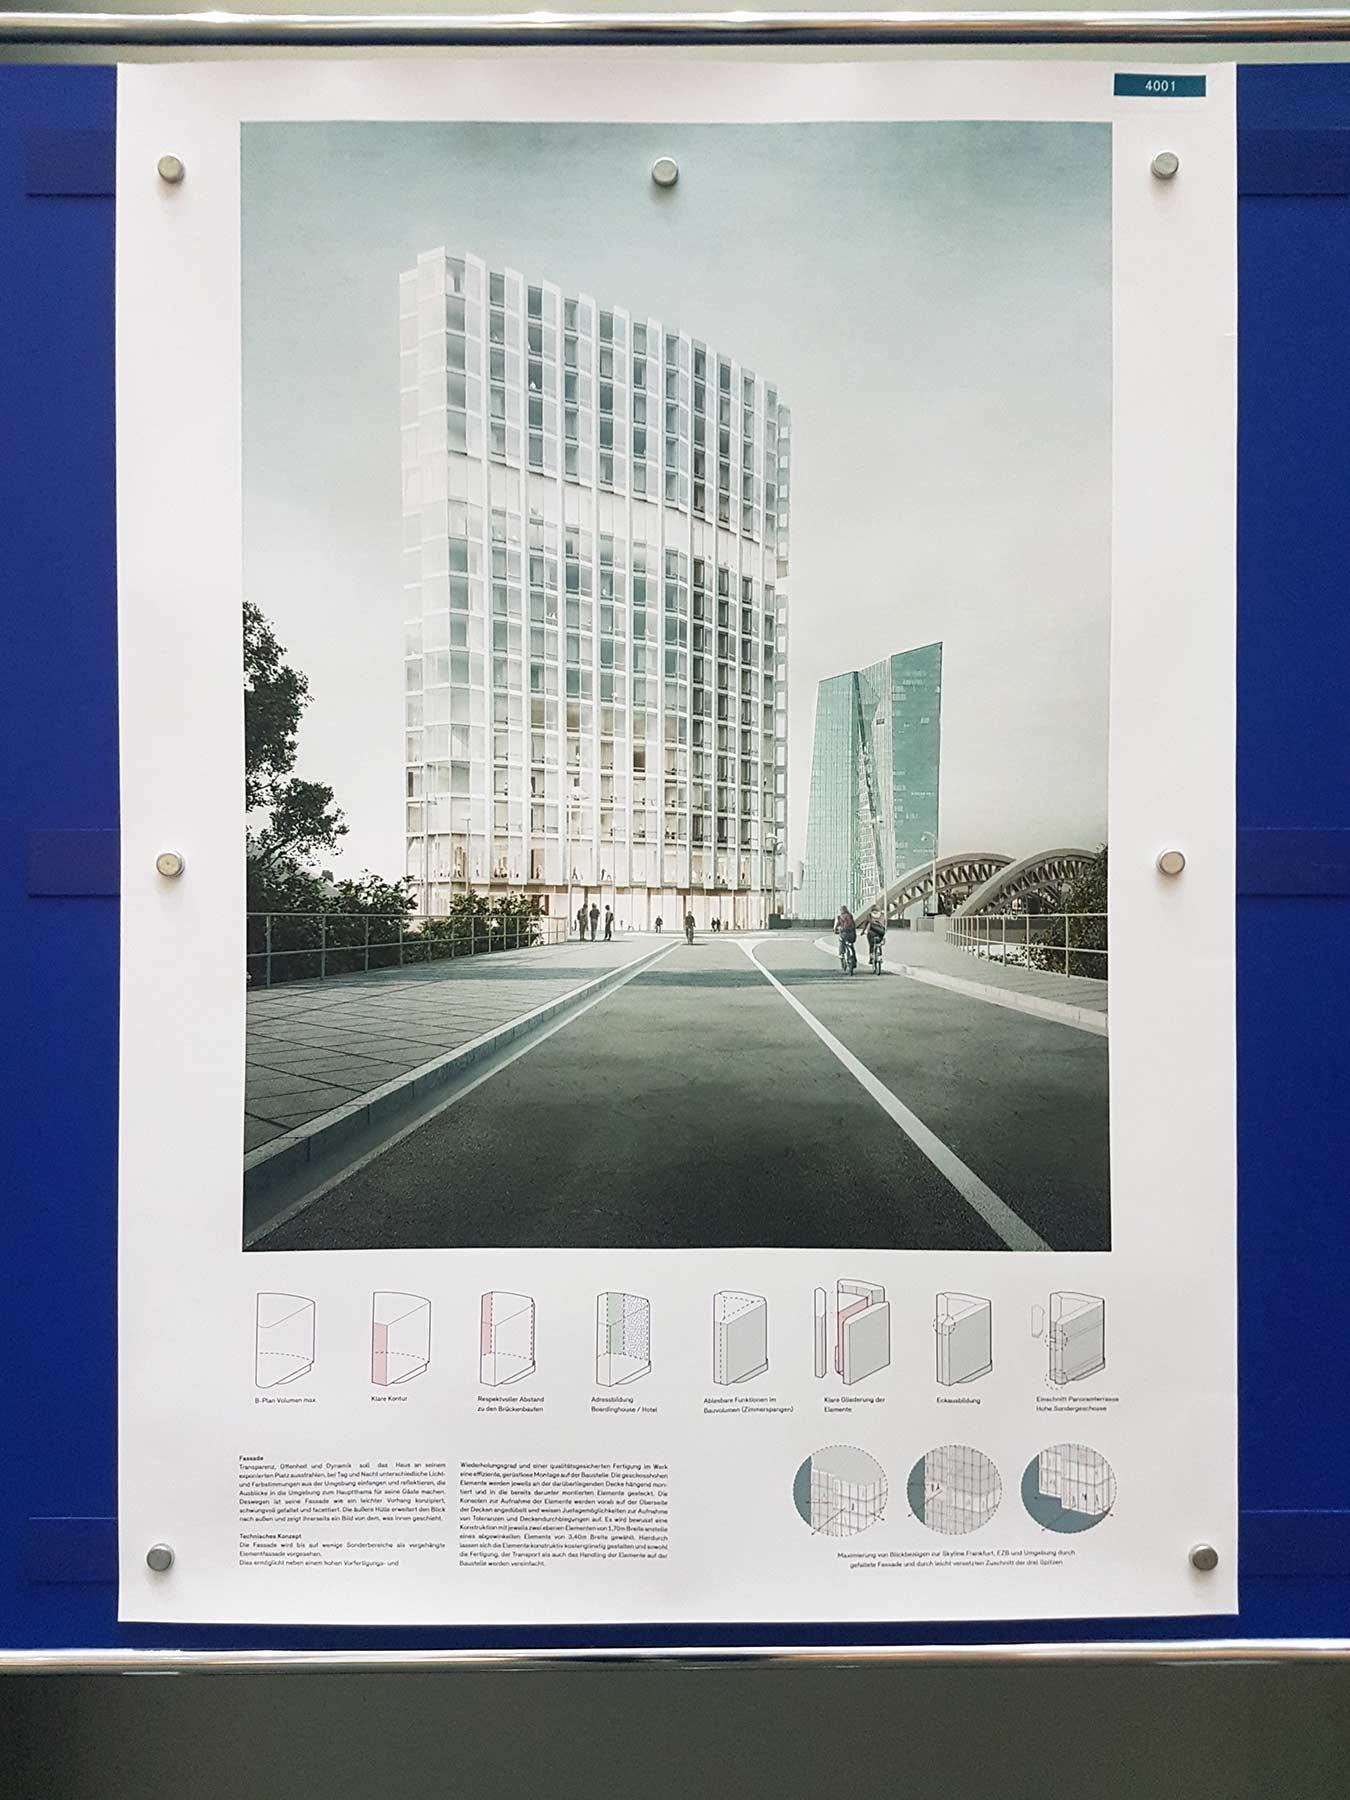 Waterfront - B&L Gruppe - Hotelturm - Frankfurt - Architekturwettbewerb 1. Platz